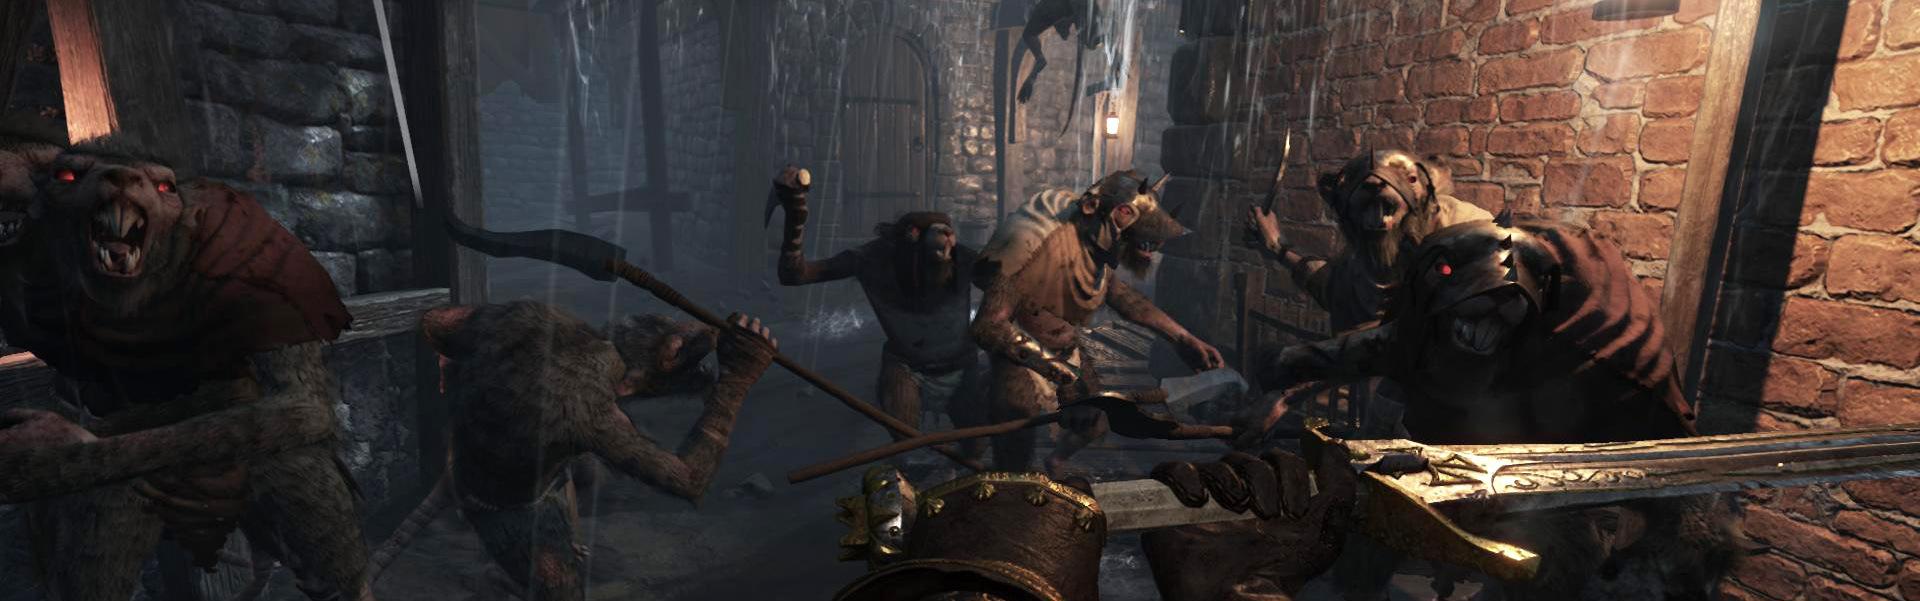 Warhammer: End Times - Vermintide Schluesselschloss (DLC) Steam Key GLOBAL